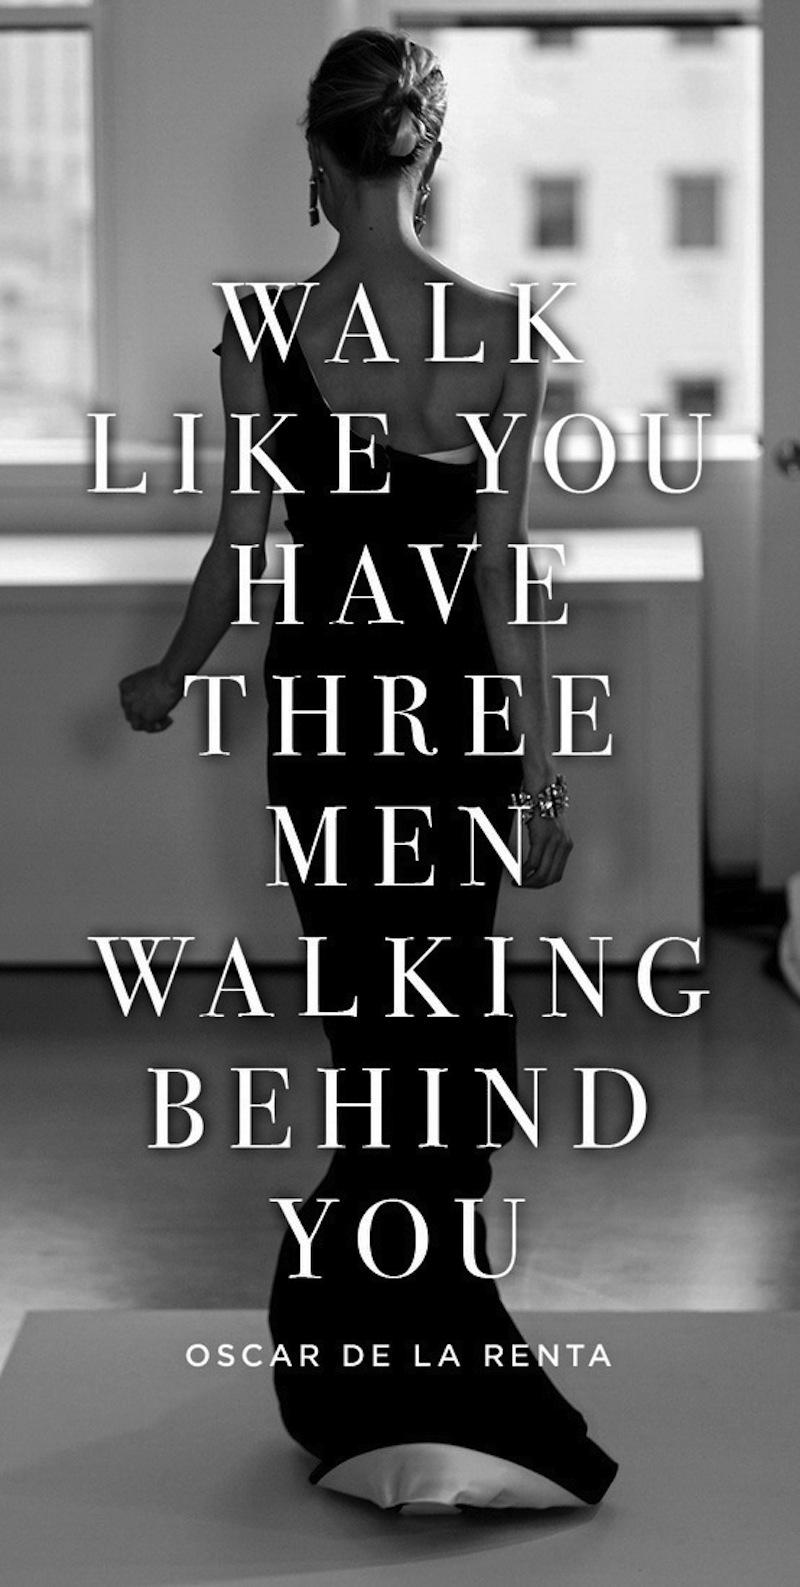 egy nő mindig úgy járjon, mintha egyszerre három férfi járna a nyomában